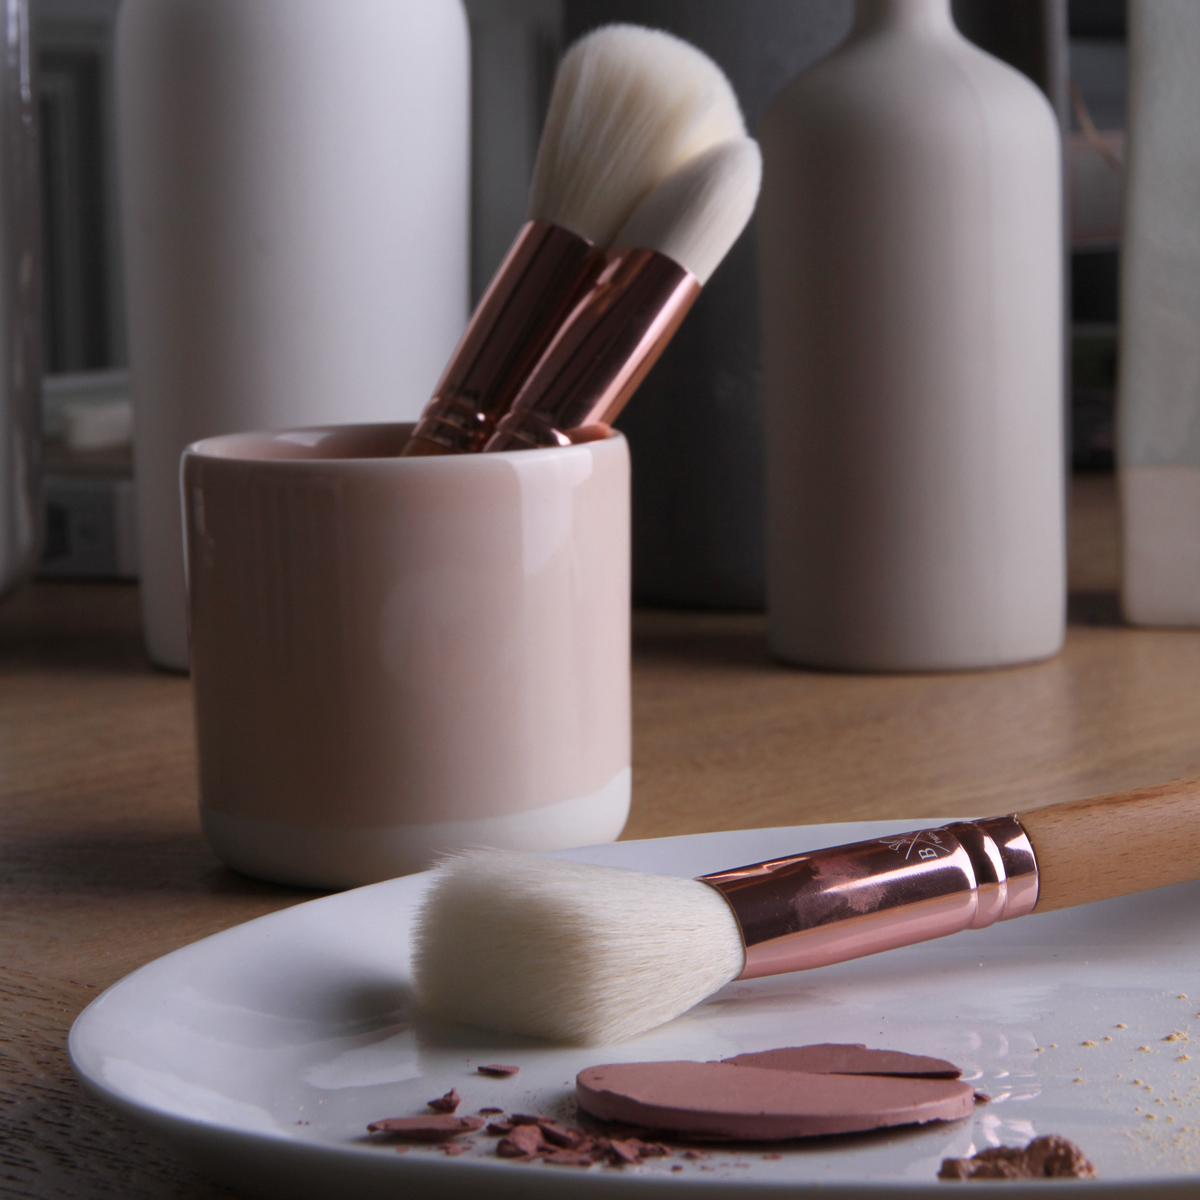 Pinceaux à blush et poudre